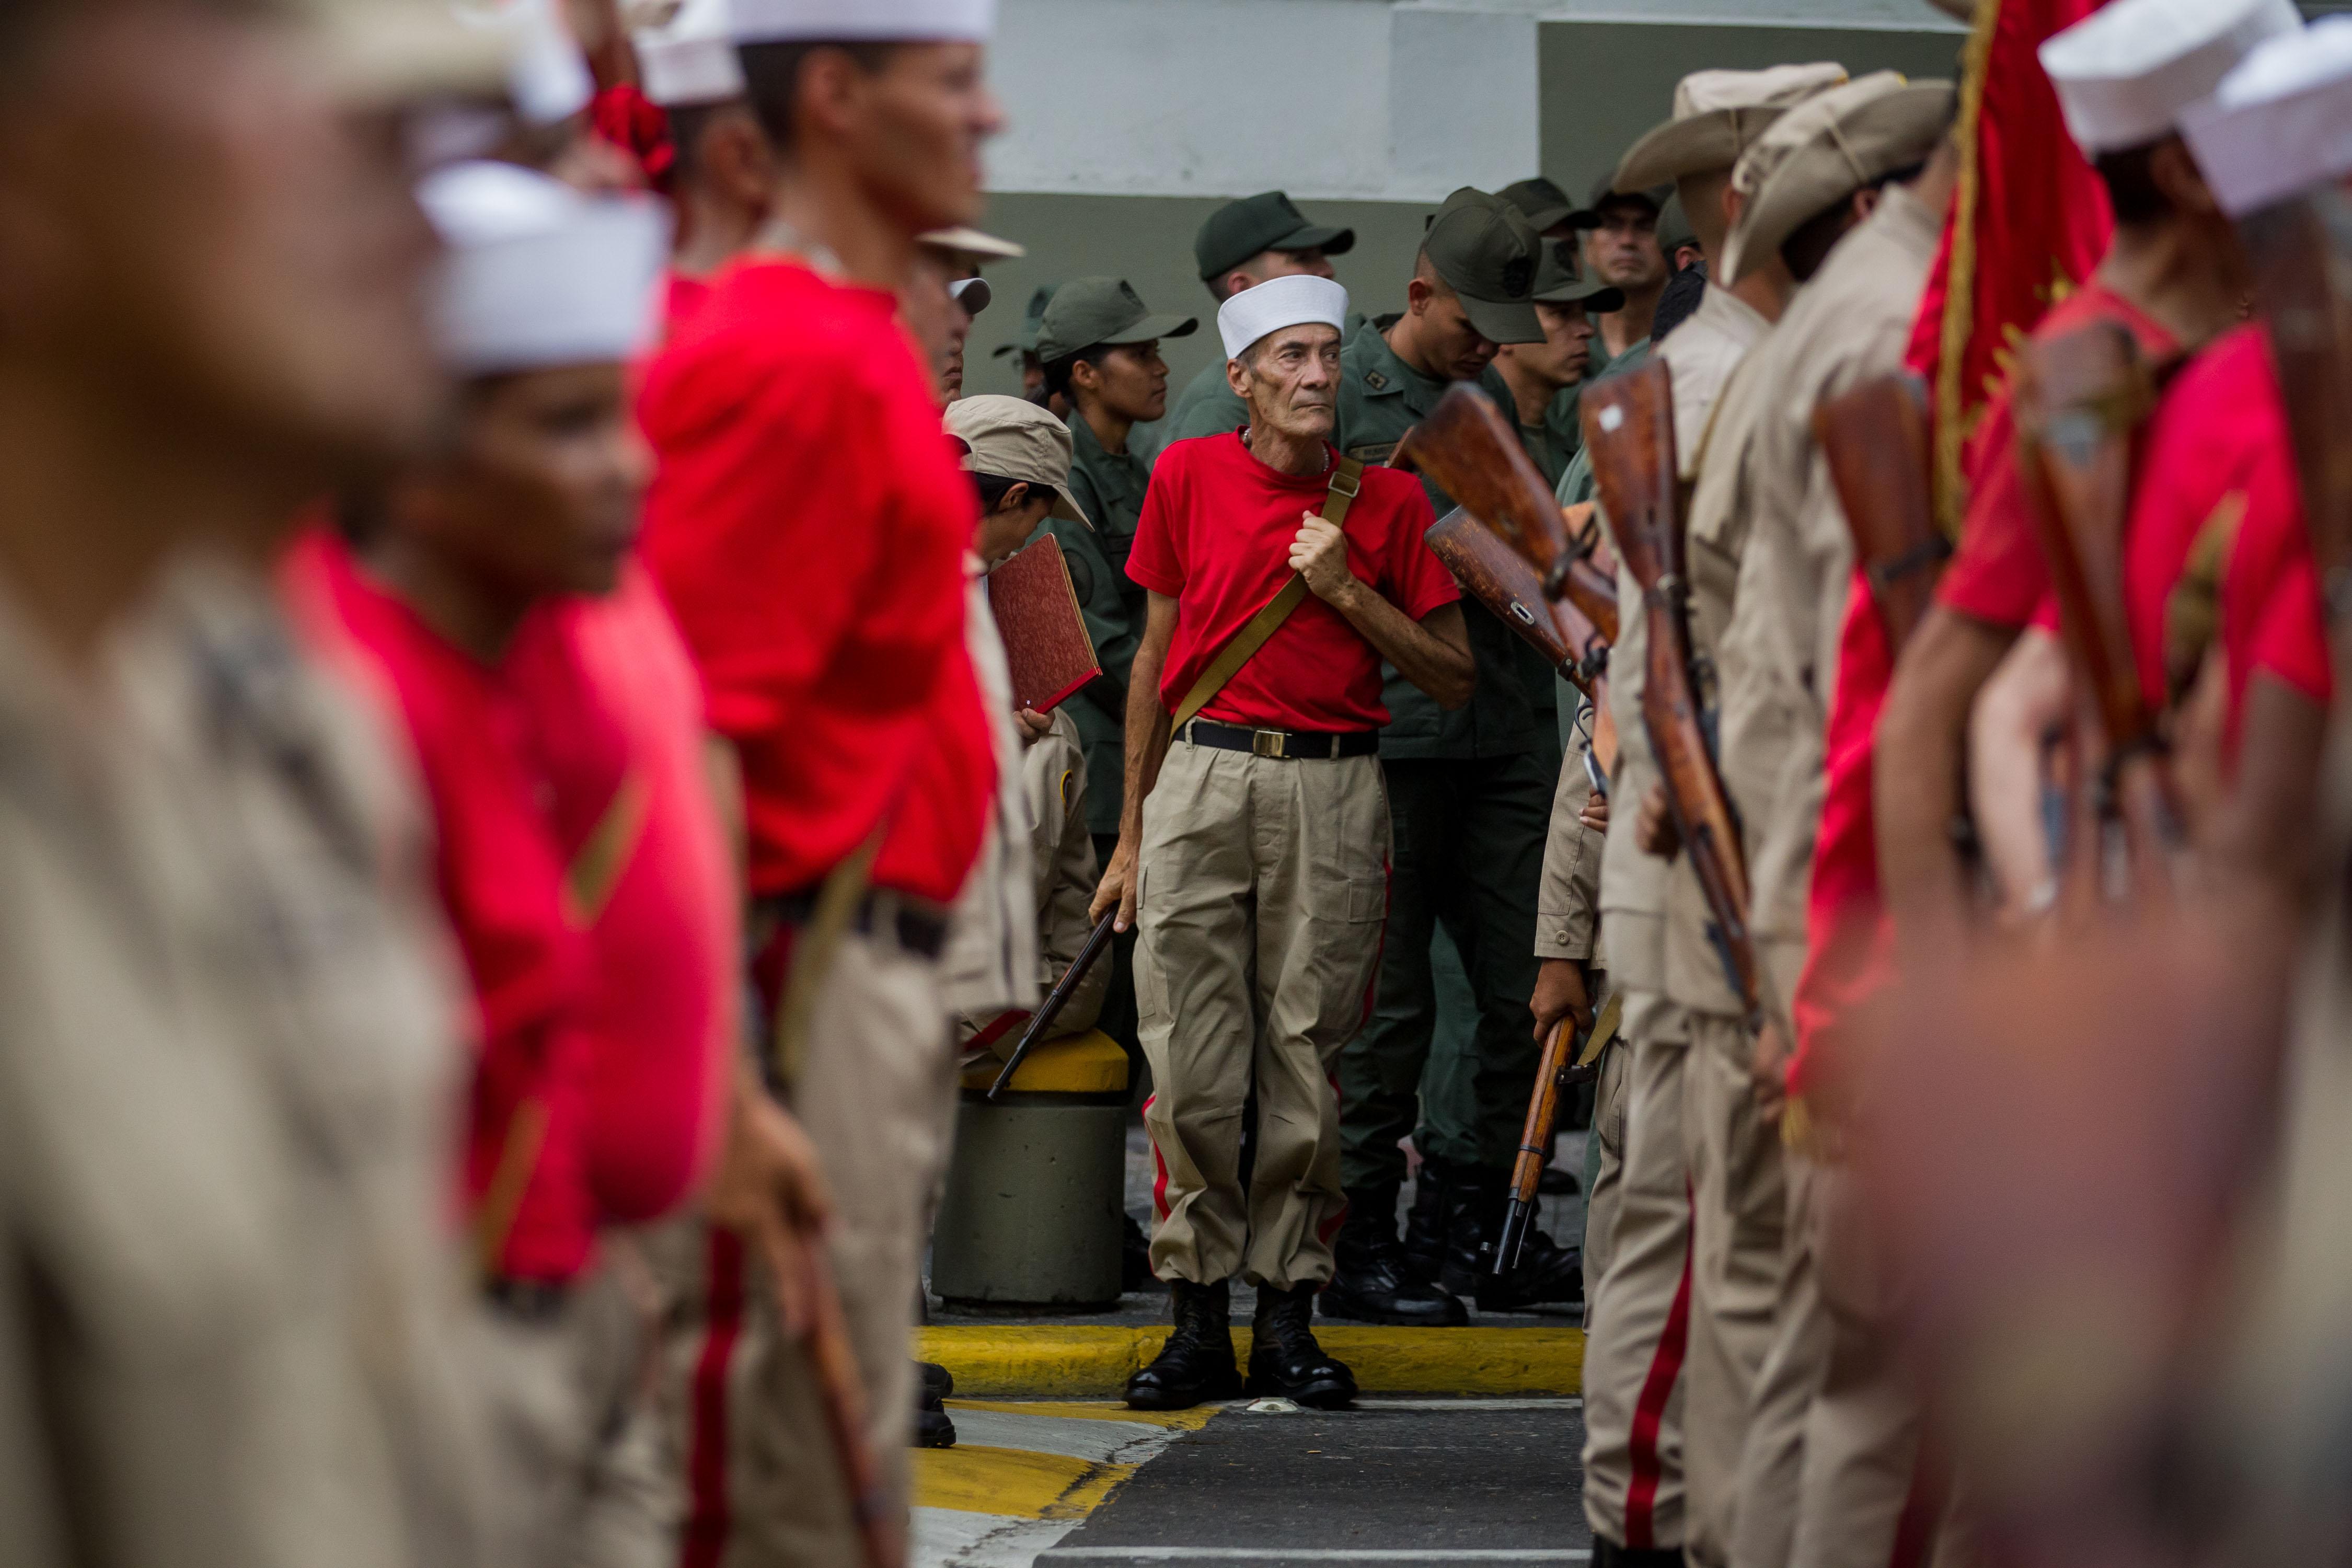 """CAR40. CARACAS (VENEZUELA), 17/04/2017 - Militares venezolanos participan en un desfile hoy, lunes 17 de abril de 2017, en Caracas (Venezuela). Las Fuerzas Armadas de Venezuela ratificaron hoy su apoyo incondicional al presidente, Nicolás Maduro, ante lo que consideran una """"coyuntura crucial"""" debido a los """"actos de violencia"""" durante las protestas opositoras, parte de una """"agenda criminal"""" que amenaza la """"paz y estabilidad"""" del país. EFE/MIGUEL GUTIÉRREZ"""